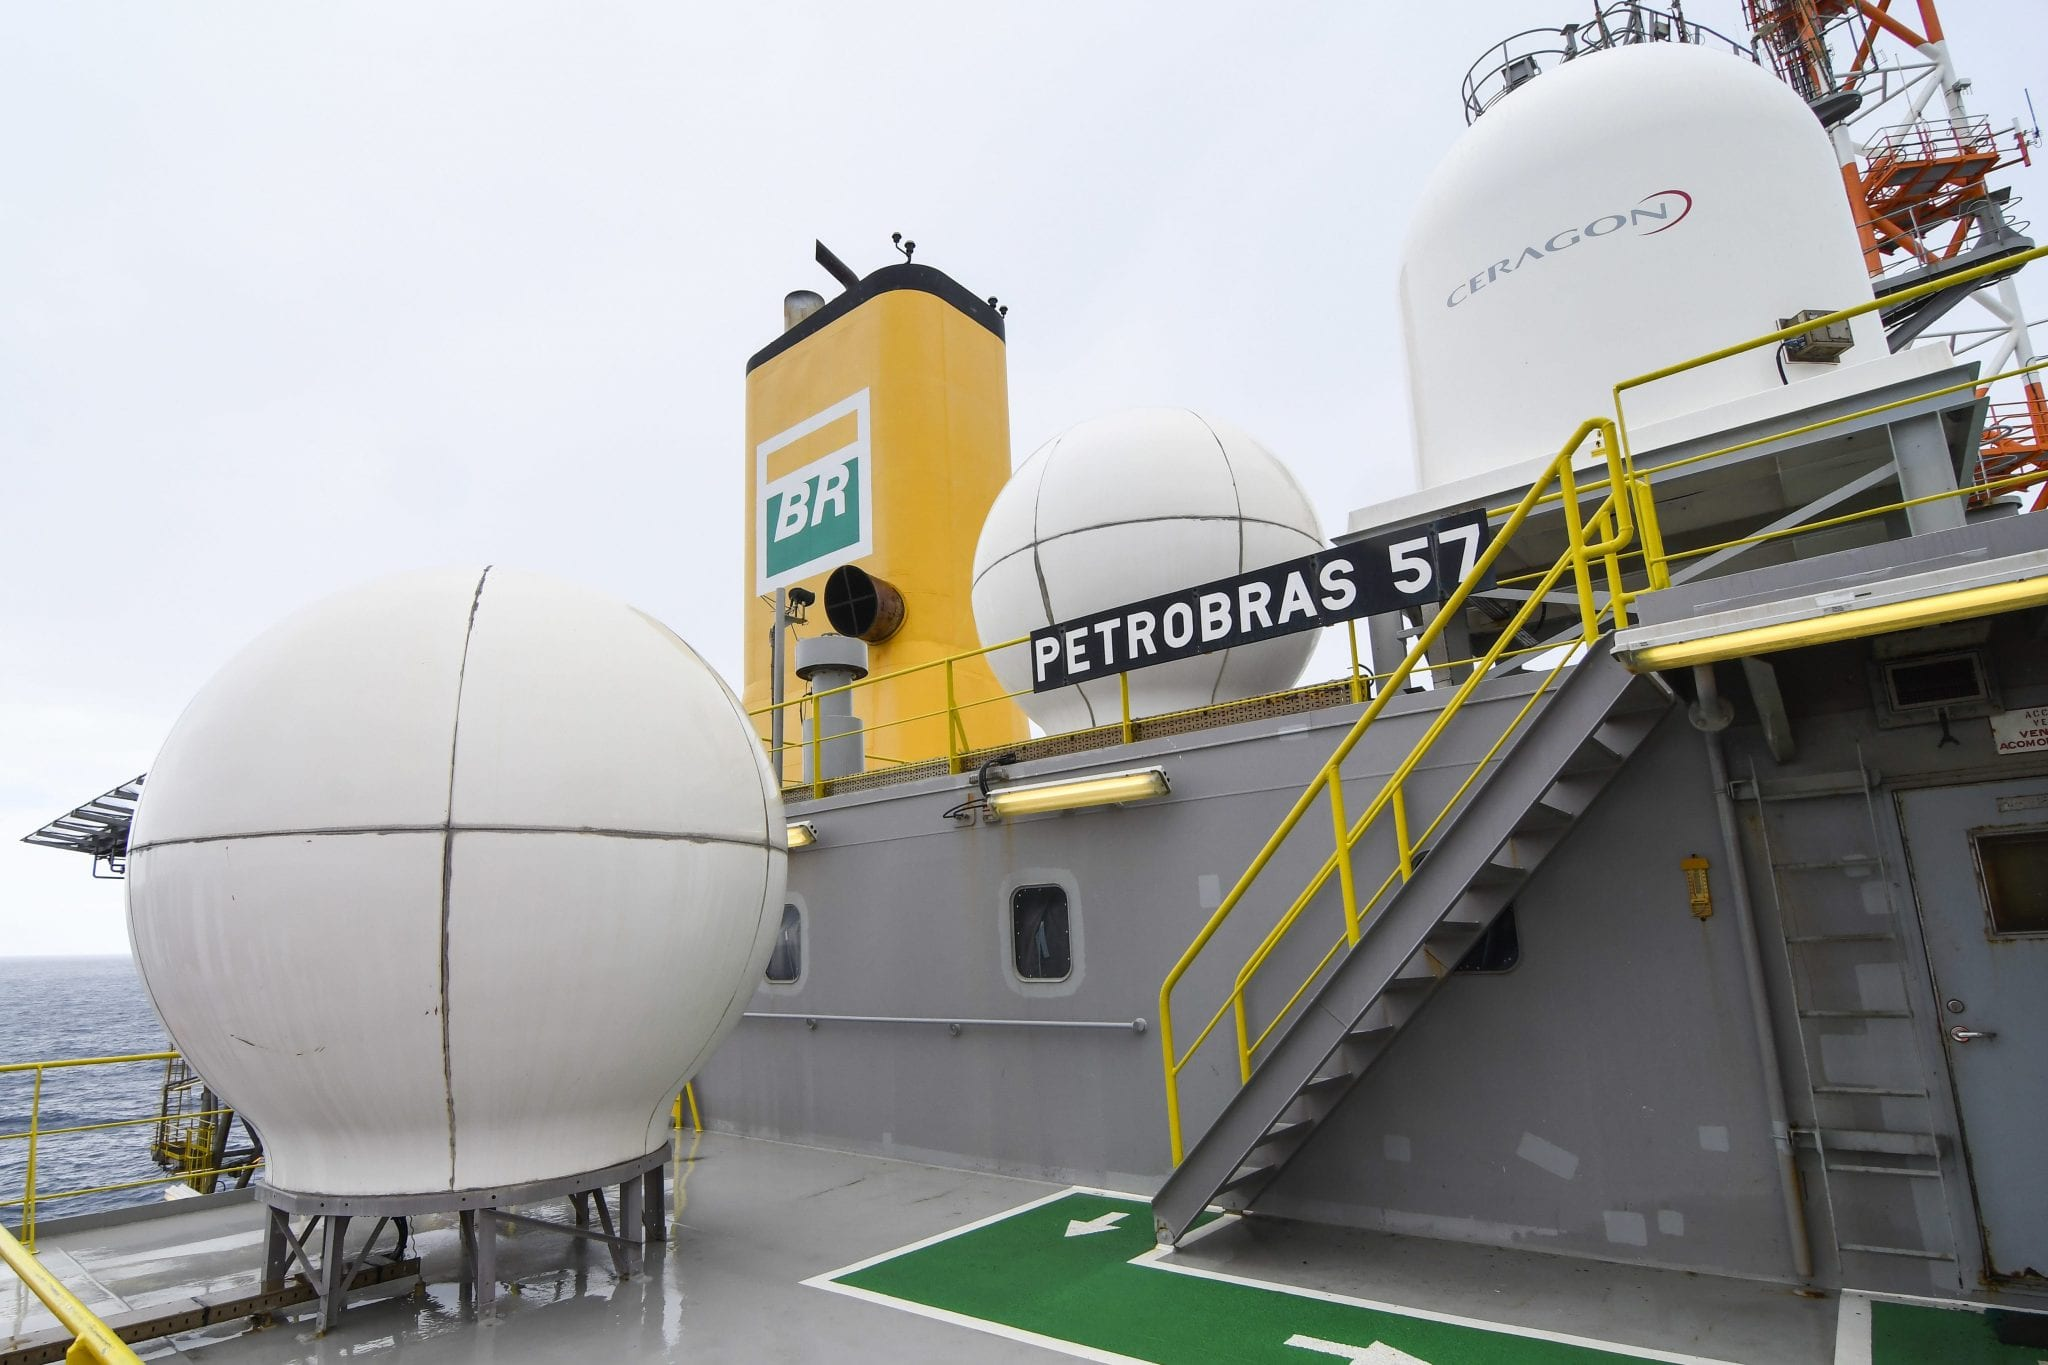 Mito da 'Petrobras quebrada' sabota maior estatal brasileira